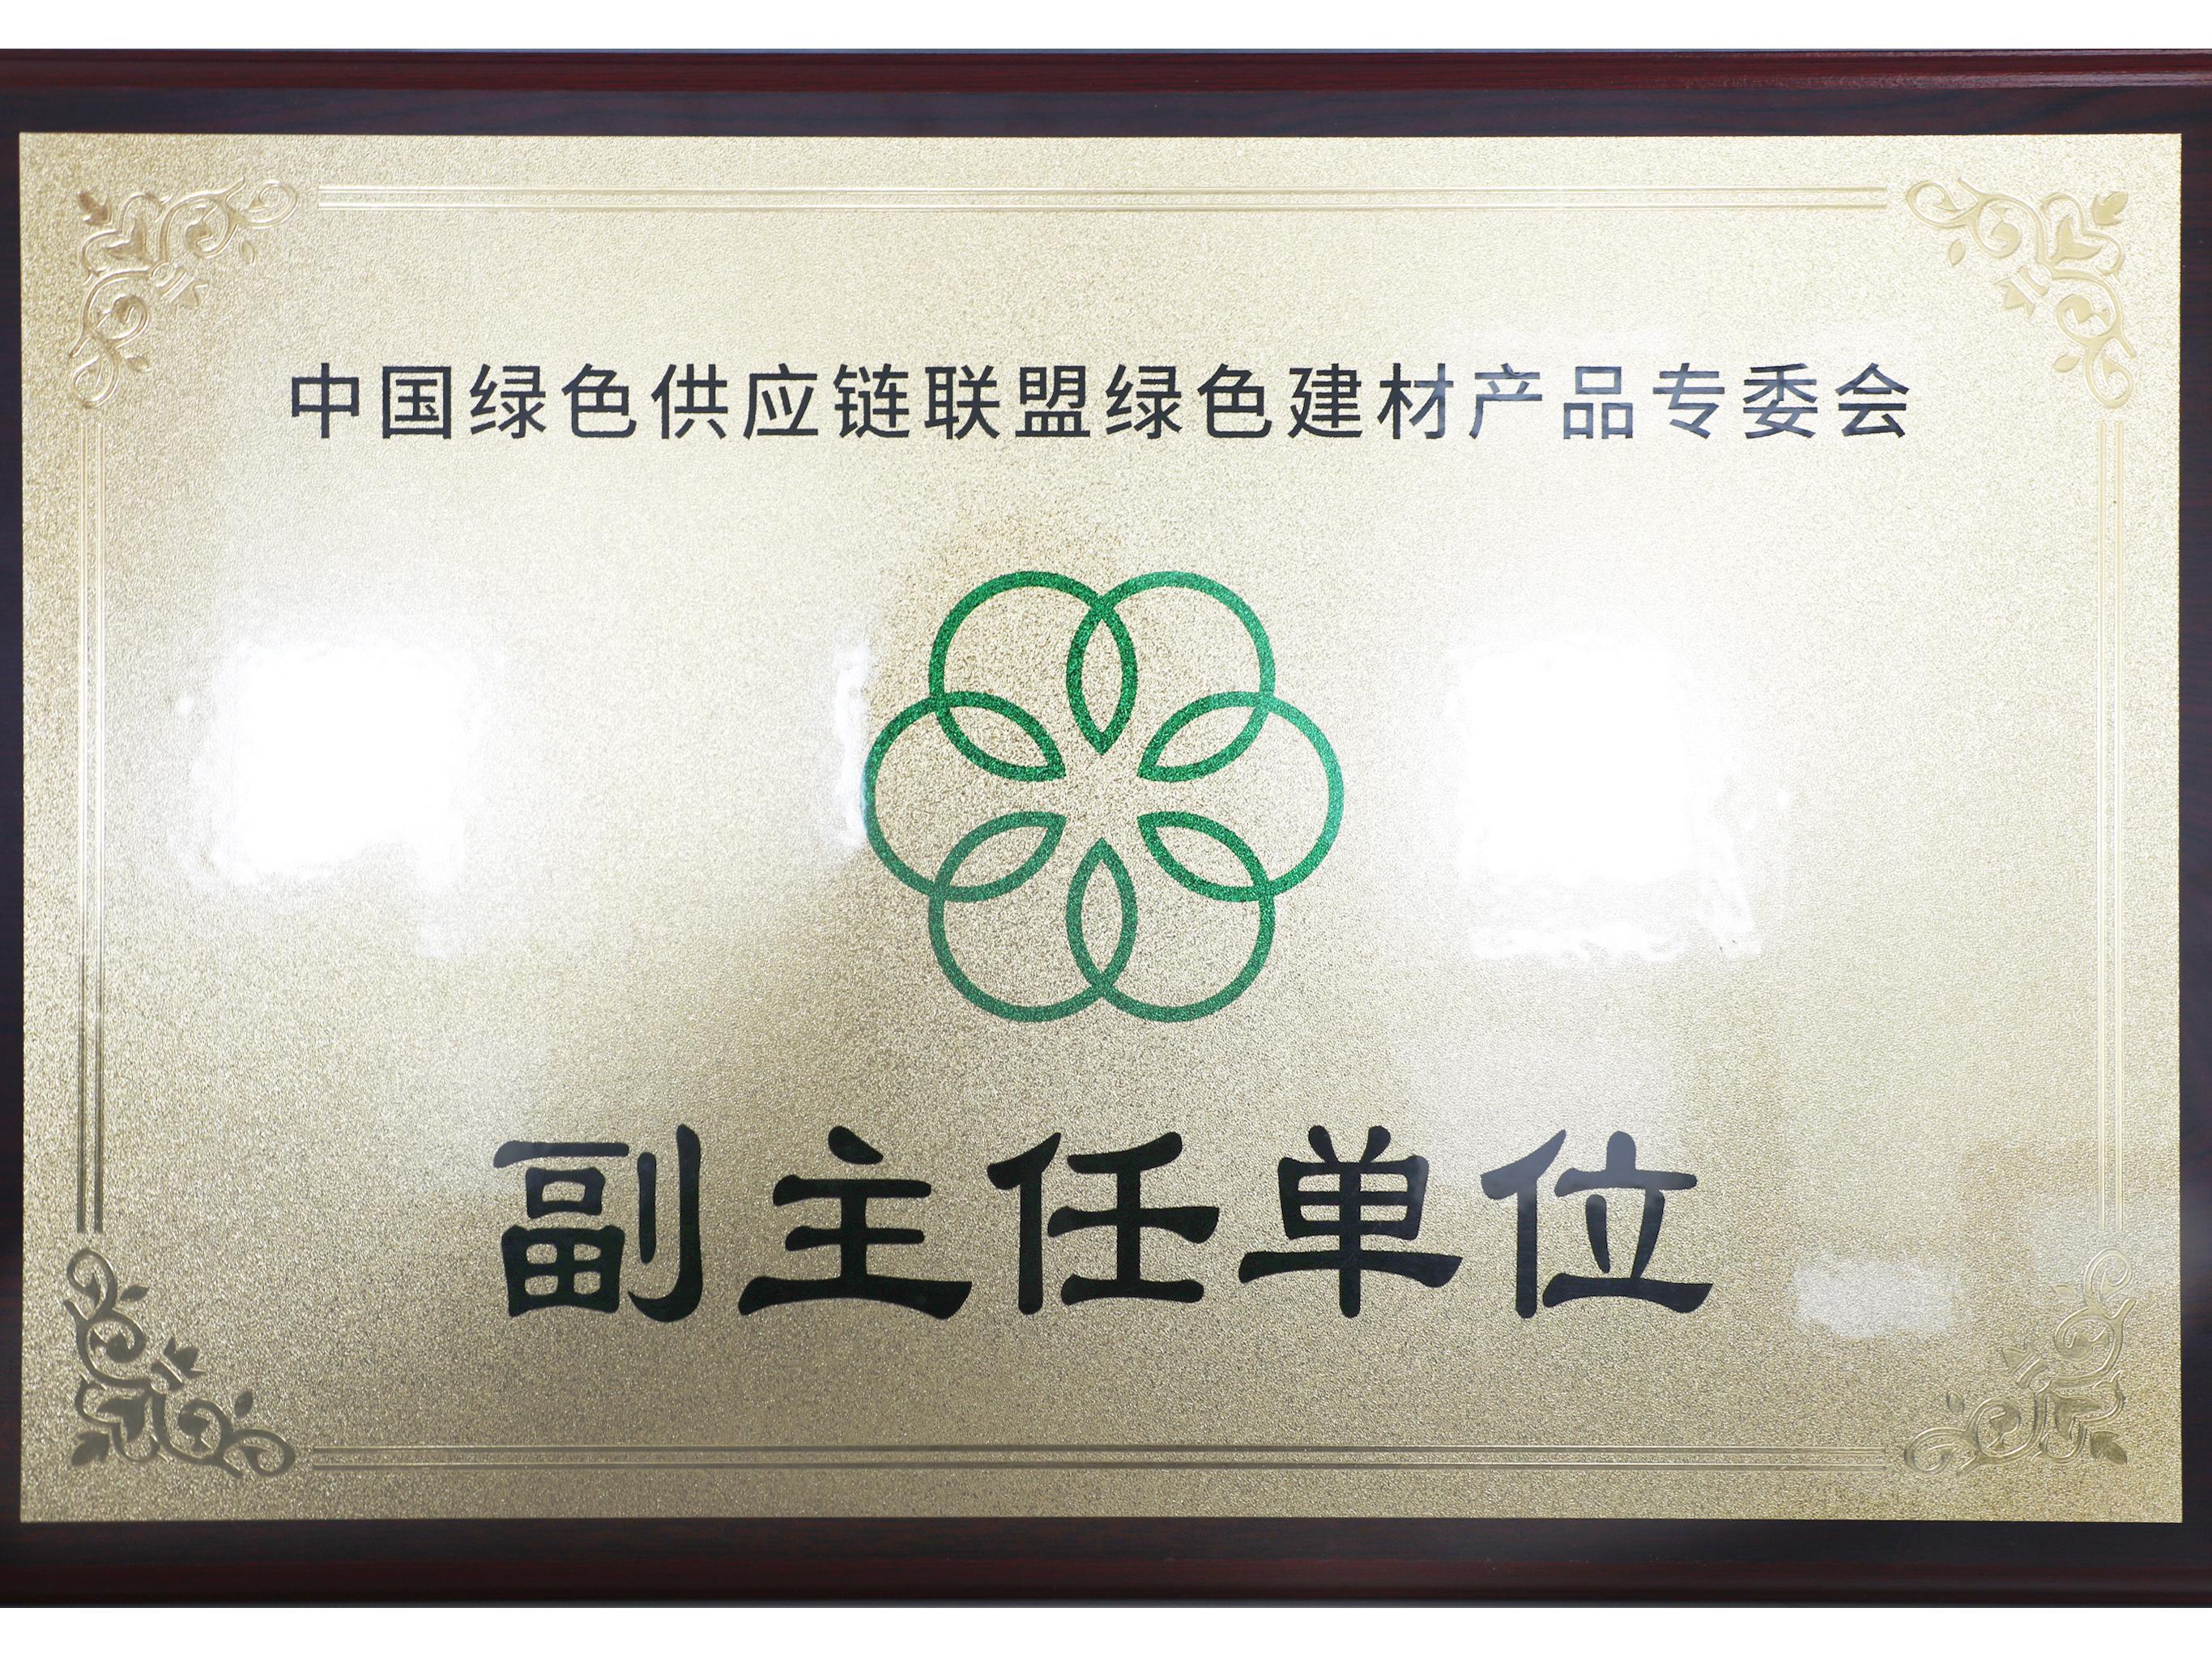 彰显民族企业担当—— 美巢当选中国绿色供应链联盟绿色建材产品专委会副主任单位